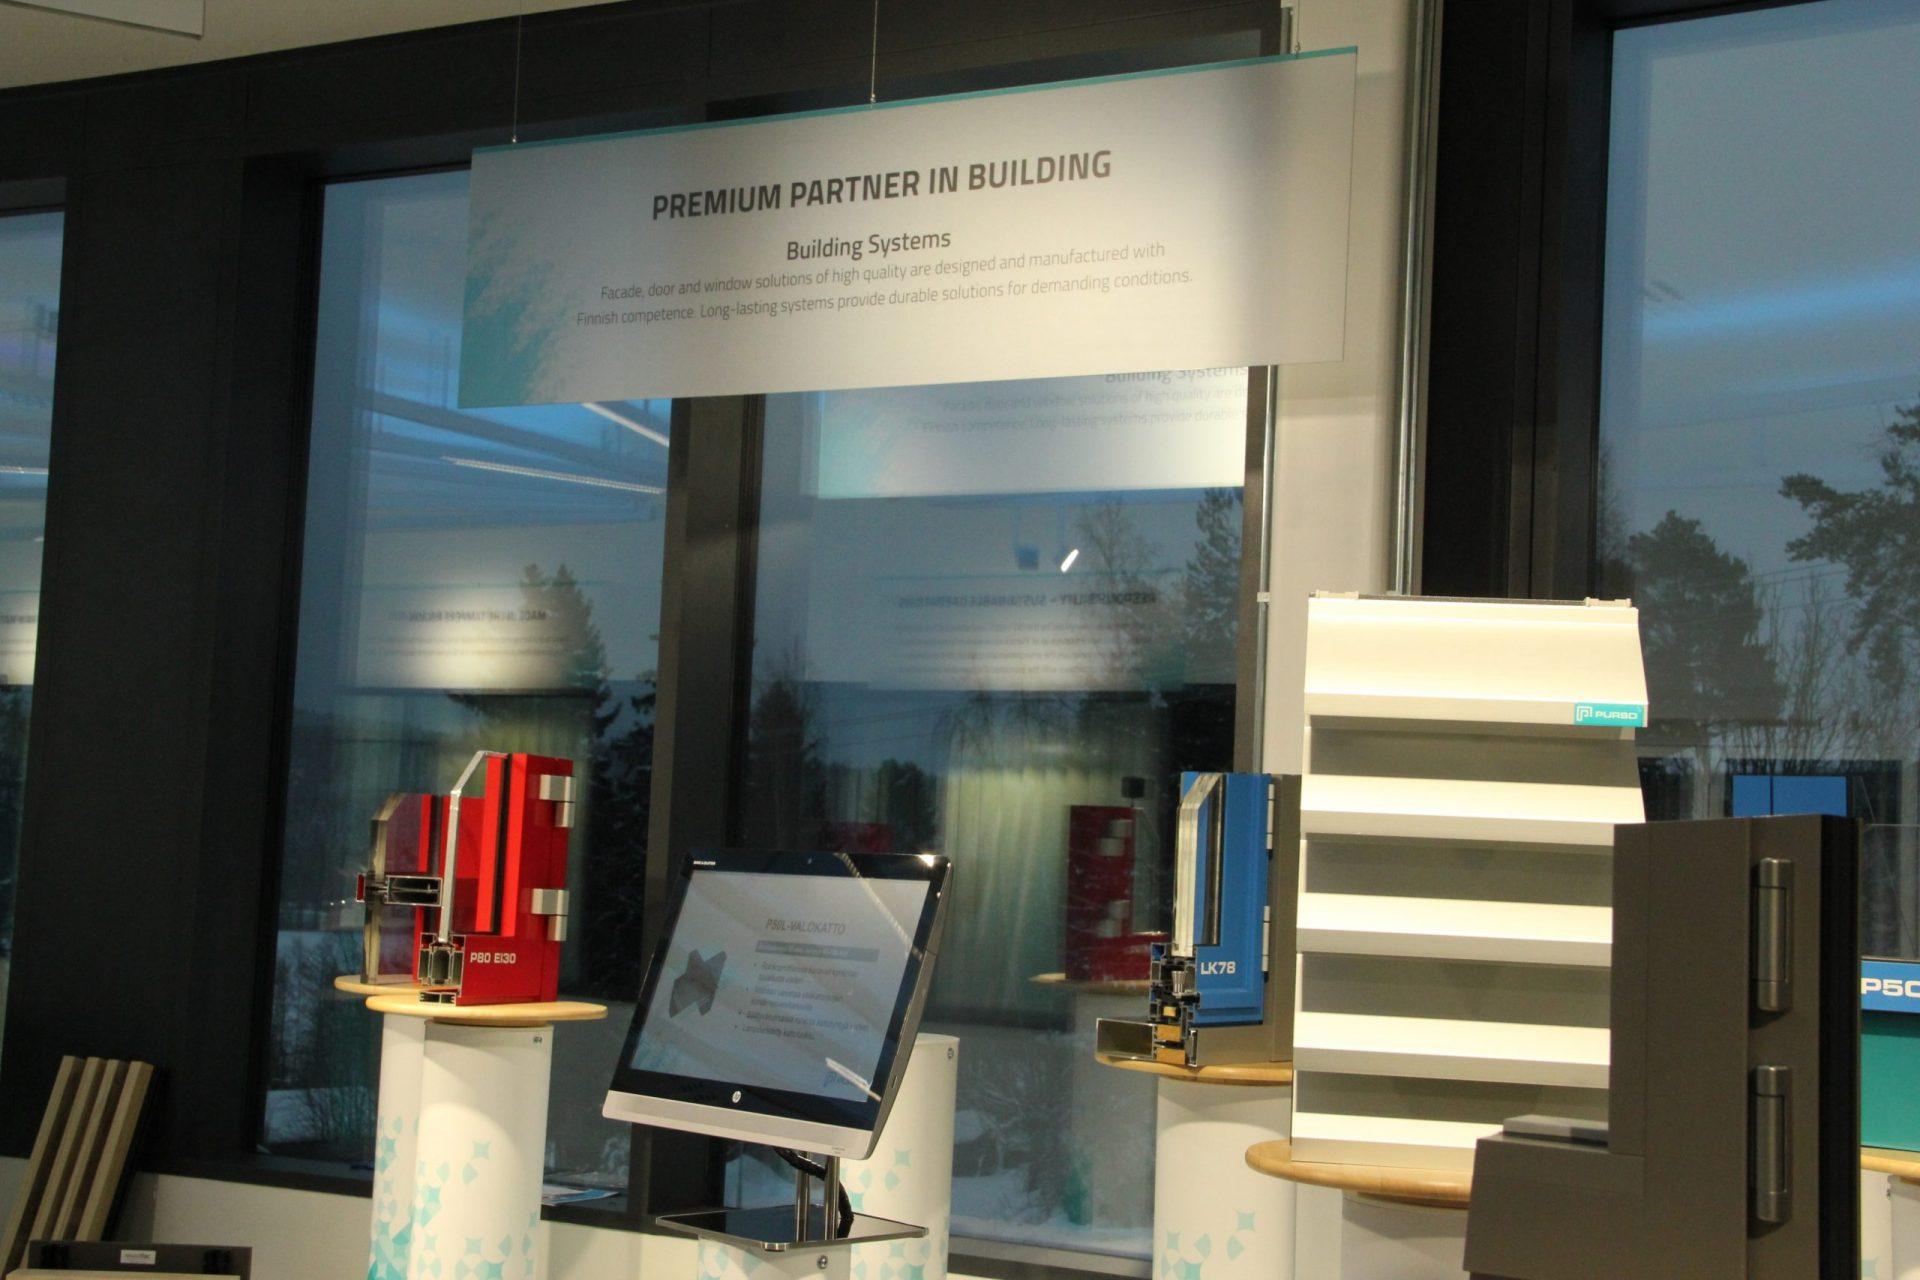 Purson tehtaalla sijaitsevassa showroomissa on esillä yrityksen valmistamia alumiinituotteita.